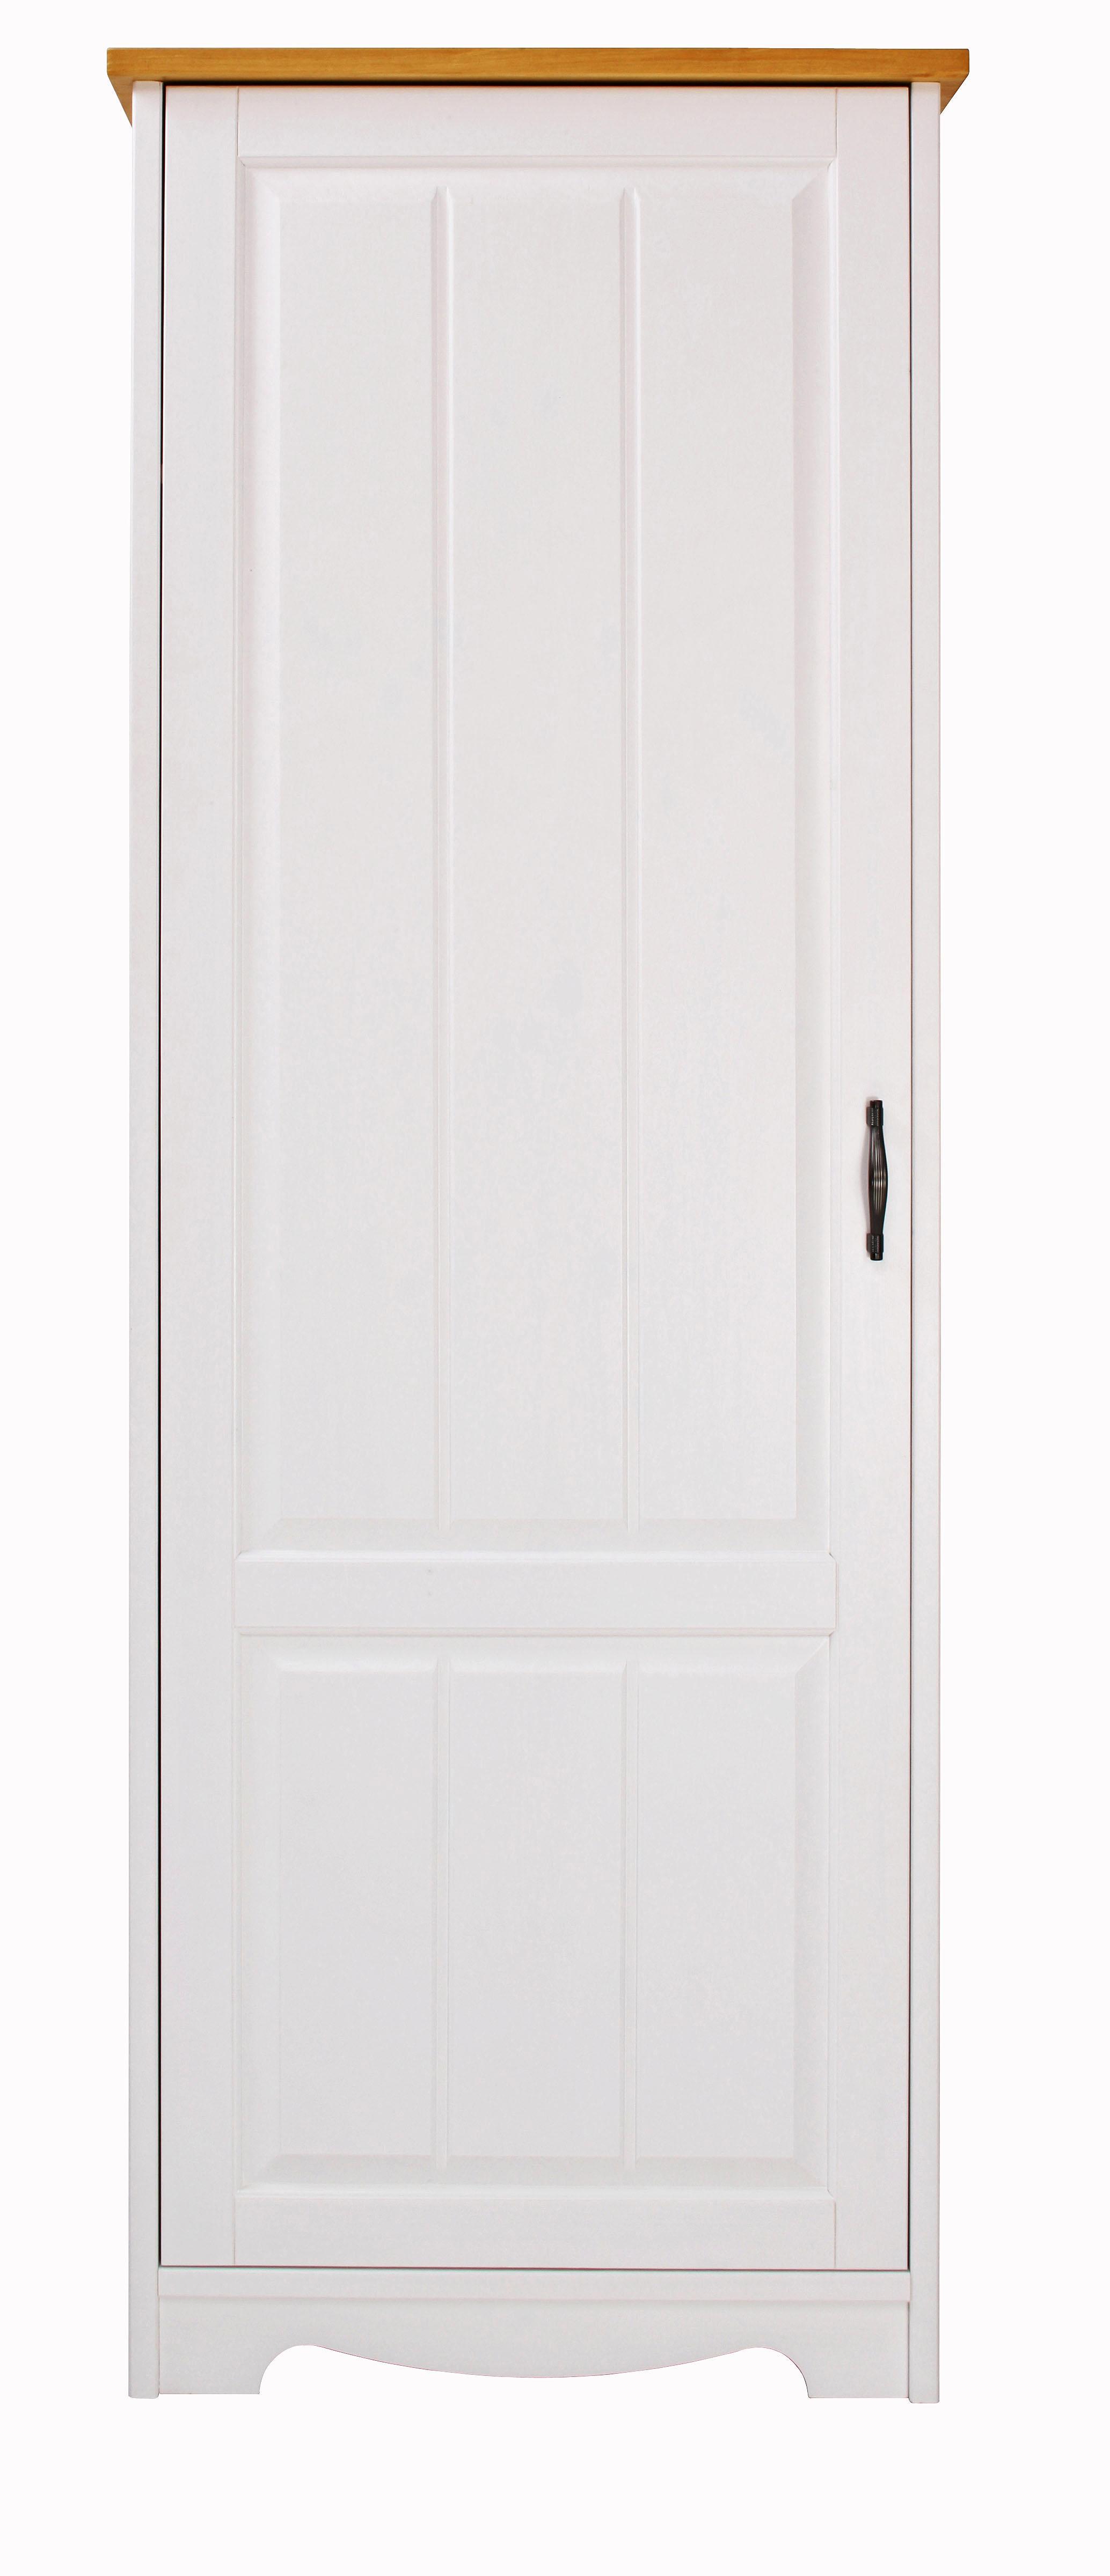 Home affaire Garderobenschrank »Trinidad«, Breite 69 cm. günstig online kaufen